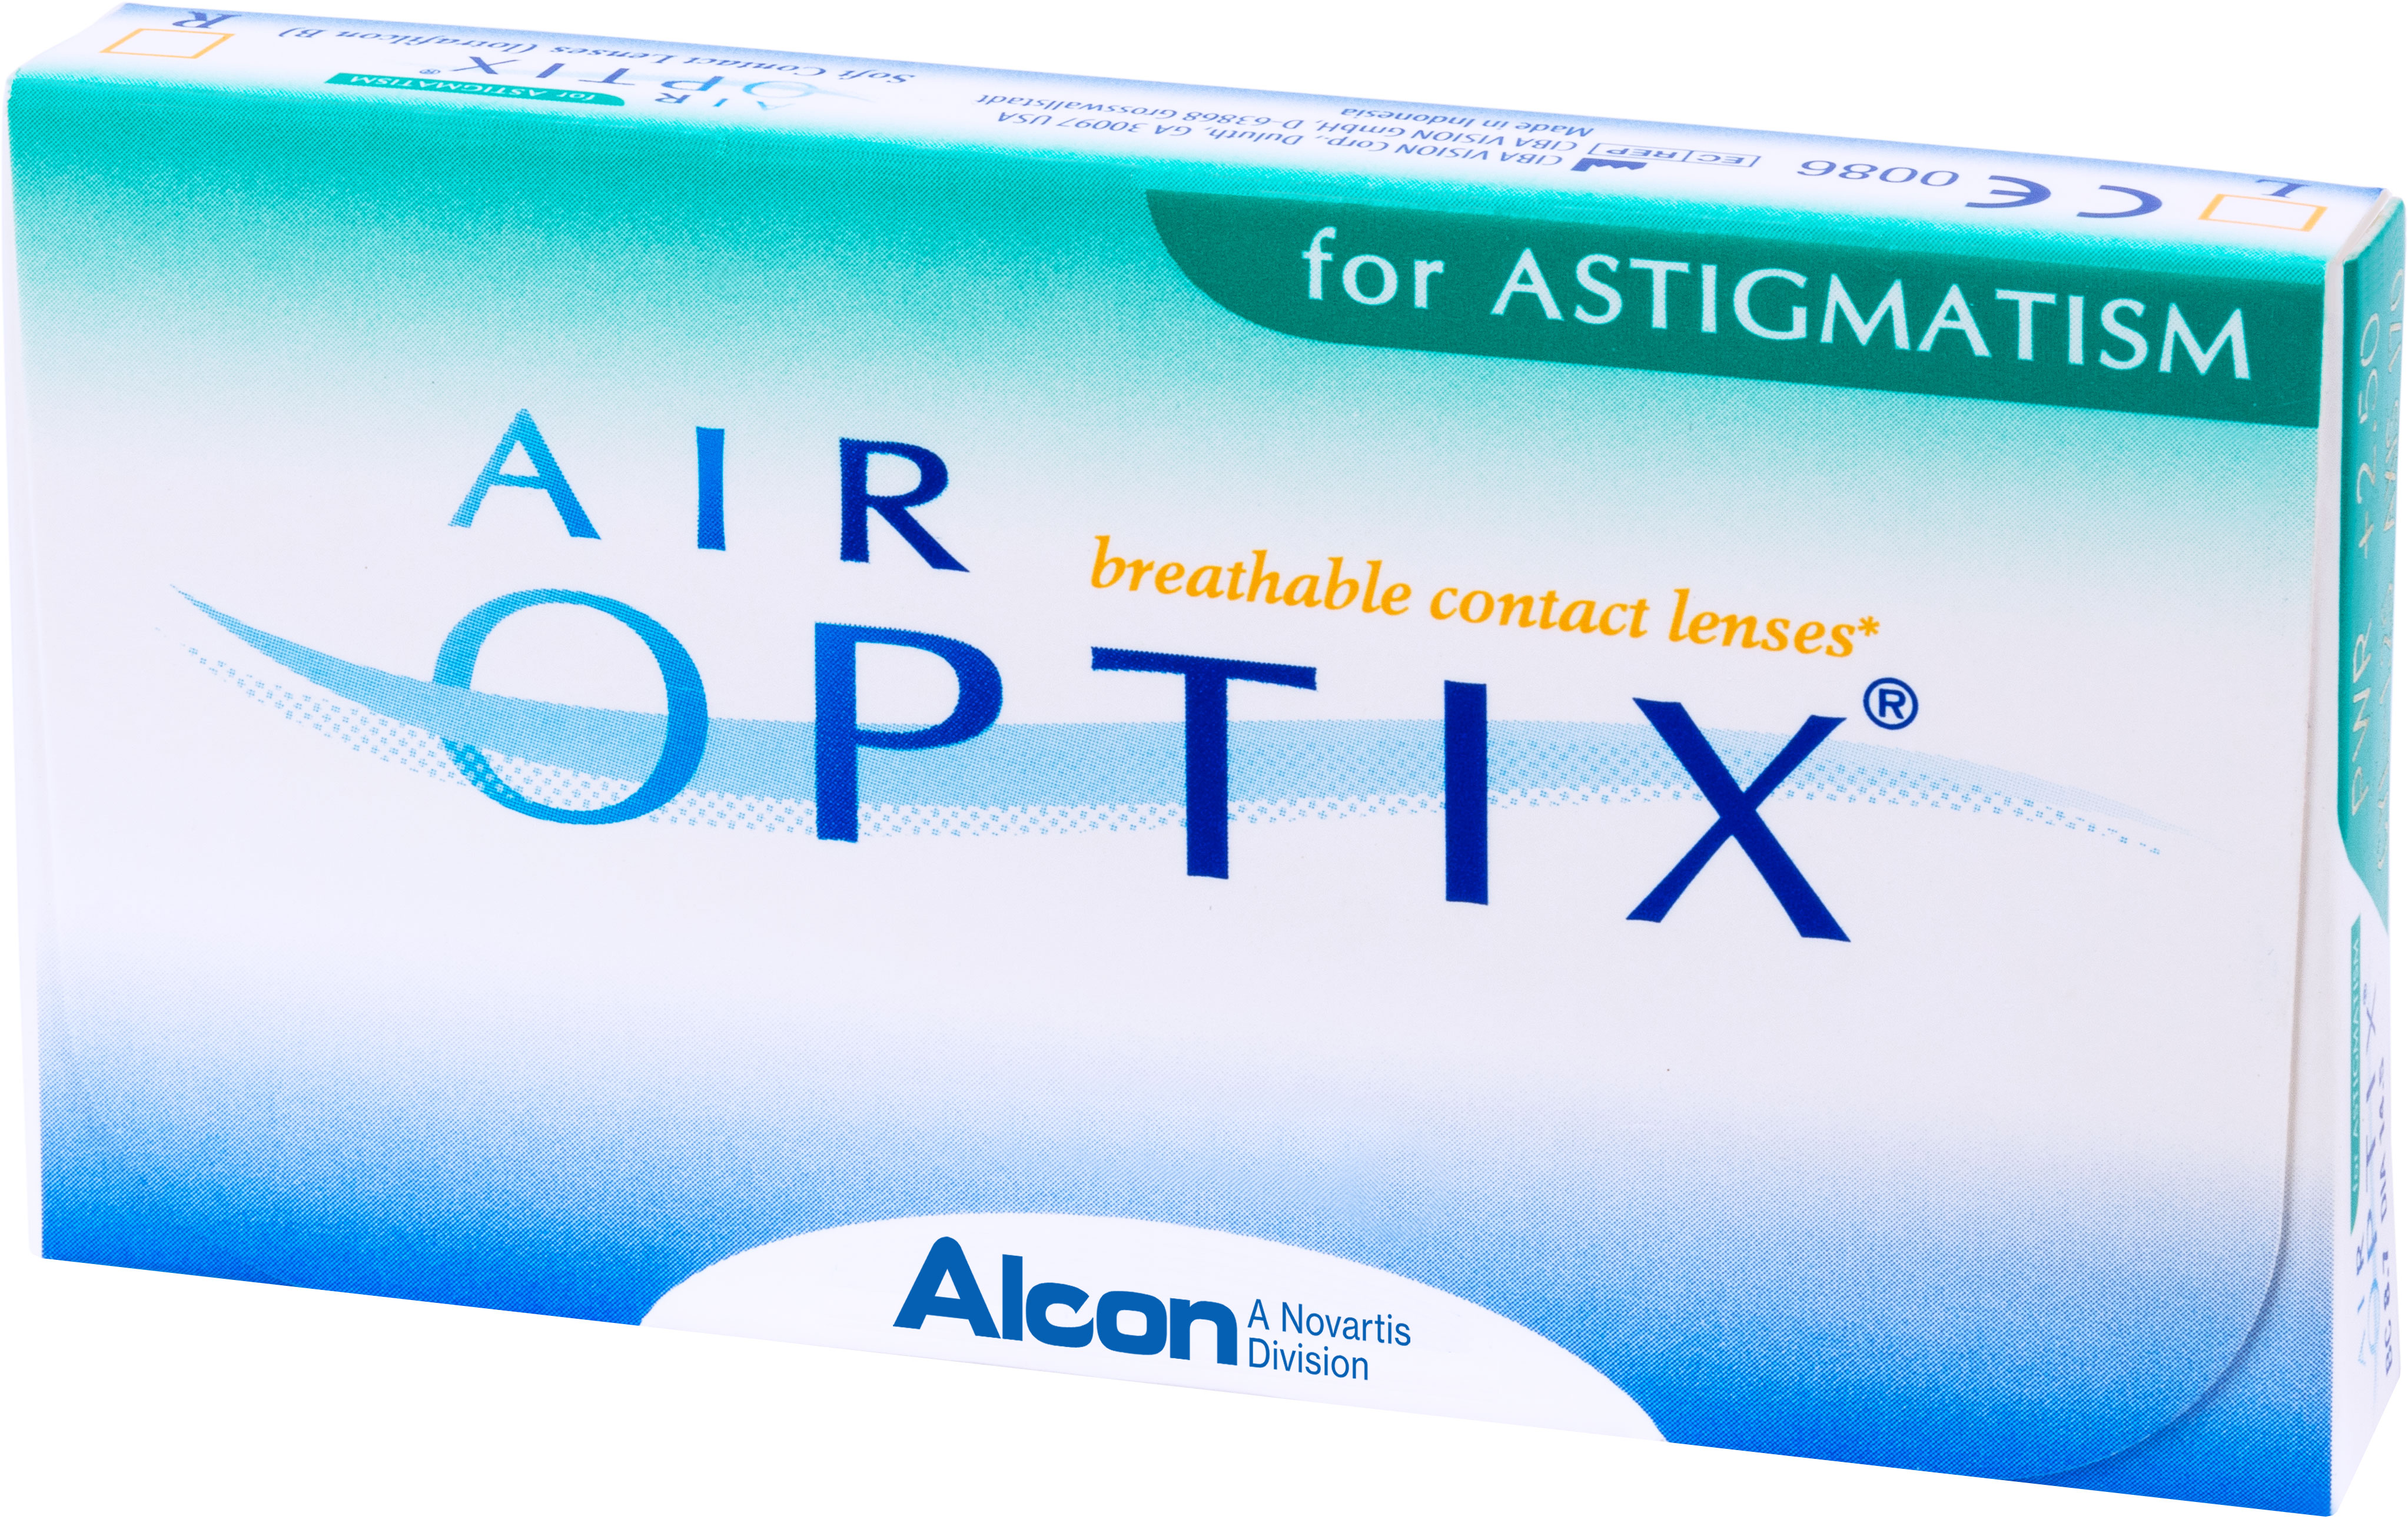 Аlcon контактные линзы Air Optix for Astigmatism 3pk /BC 8. 7/DIA14. 5/PWR -4. 50/CYL -2. 25/AXIS 180 Alcon